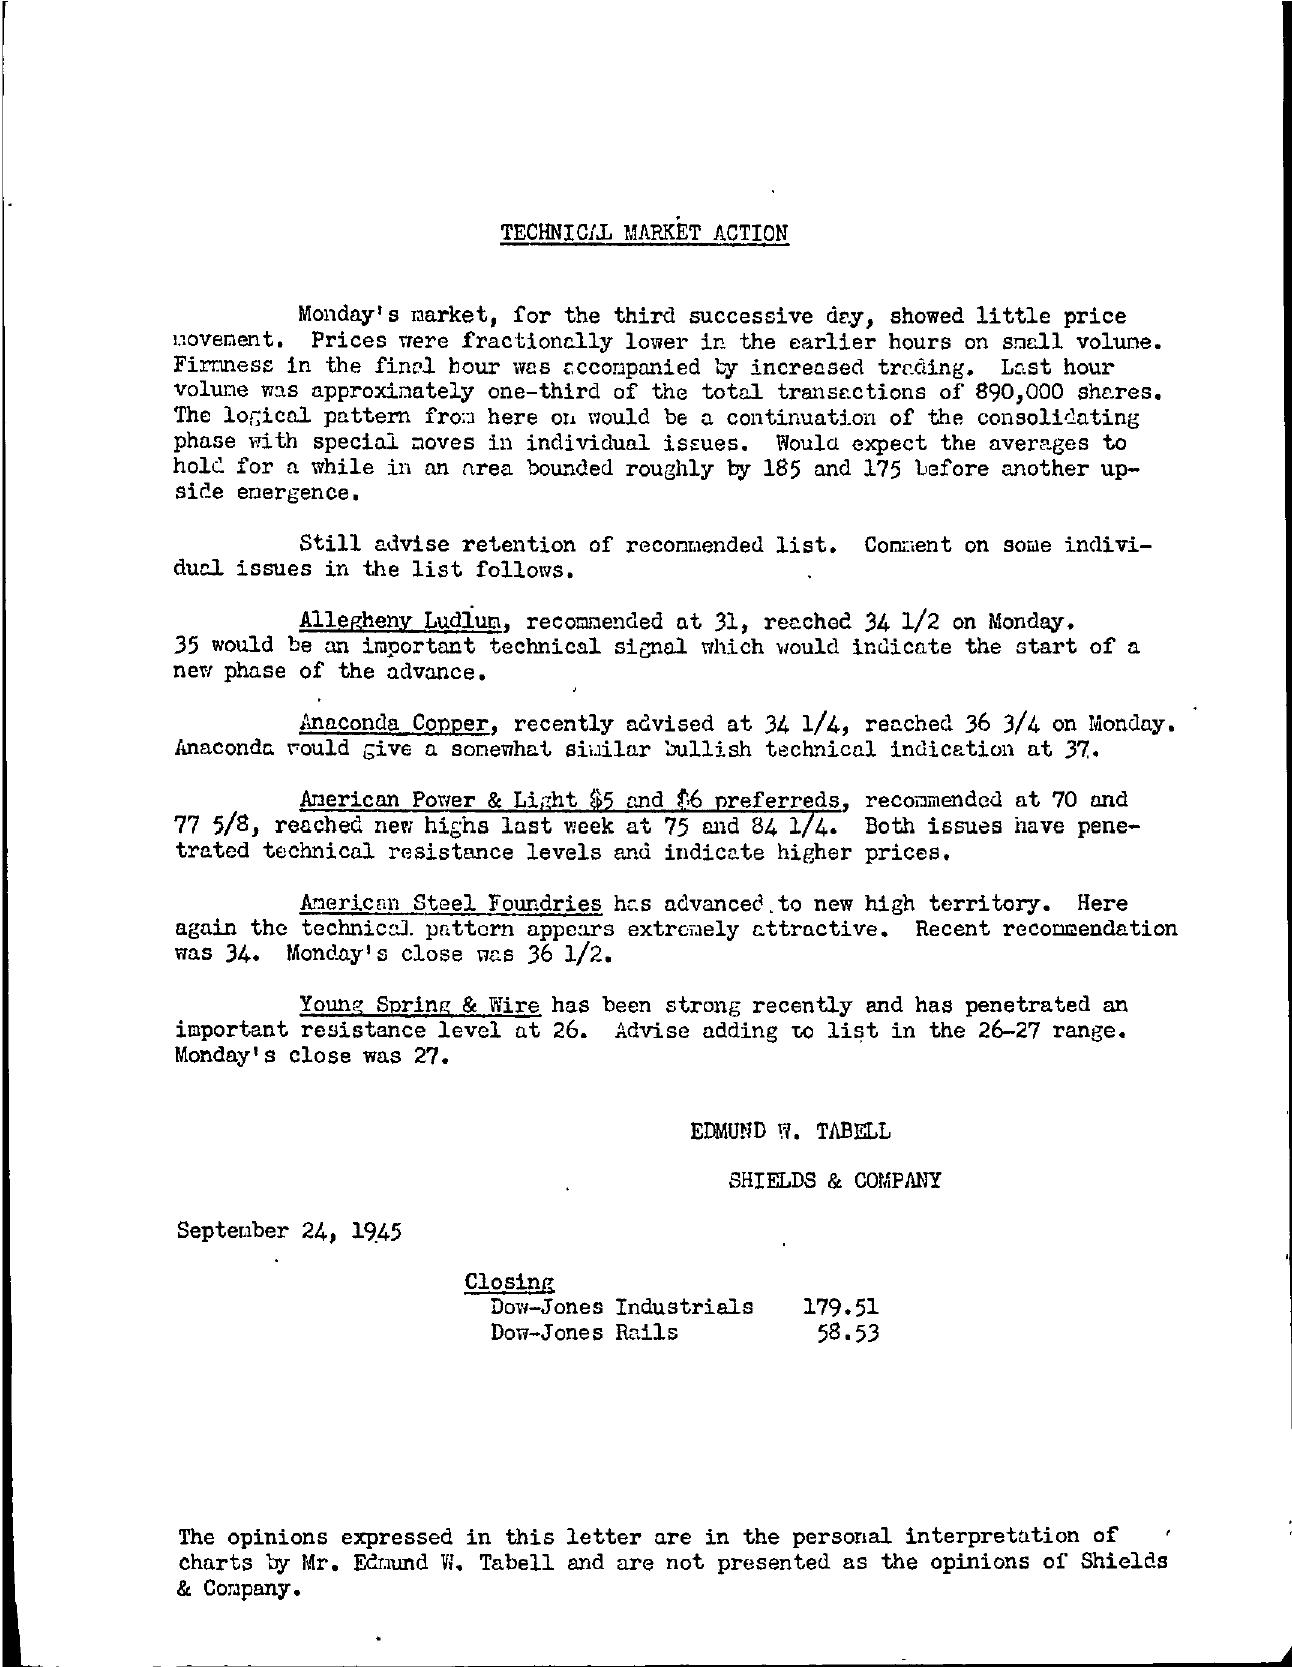 Tabell's Market Letter - September 24, 1945